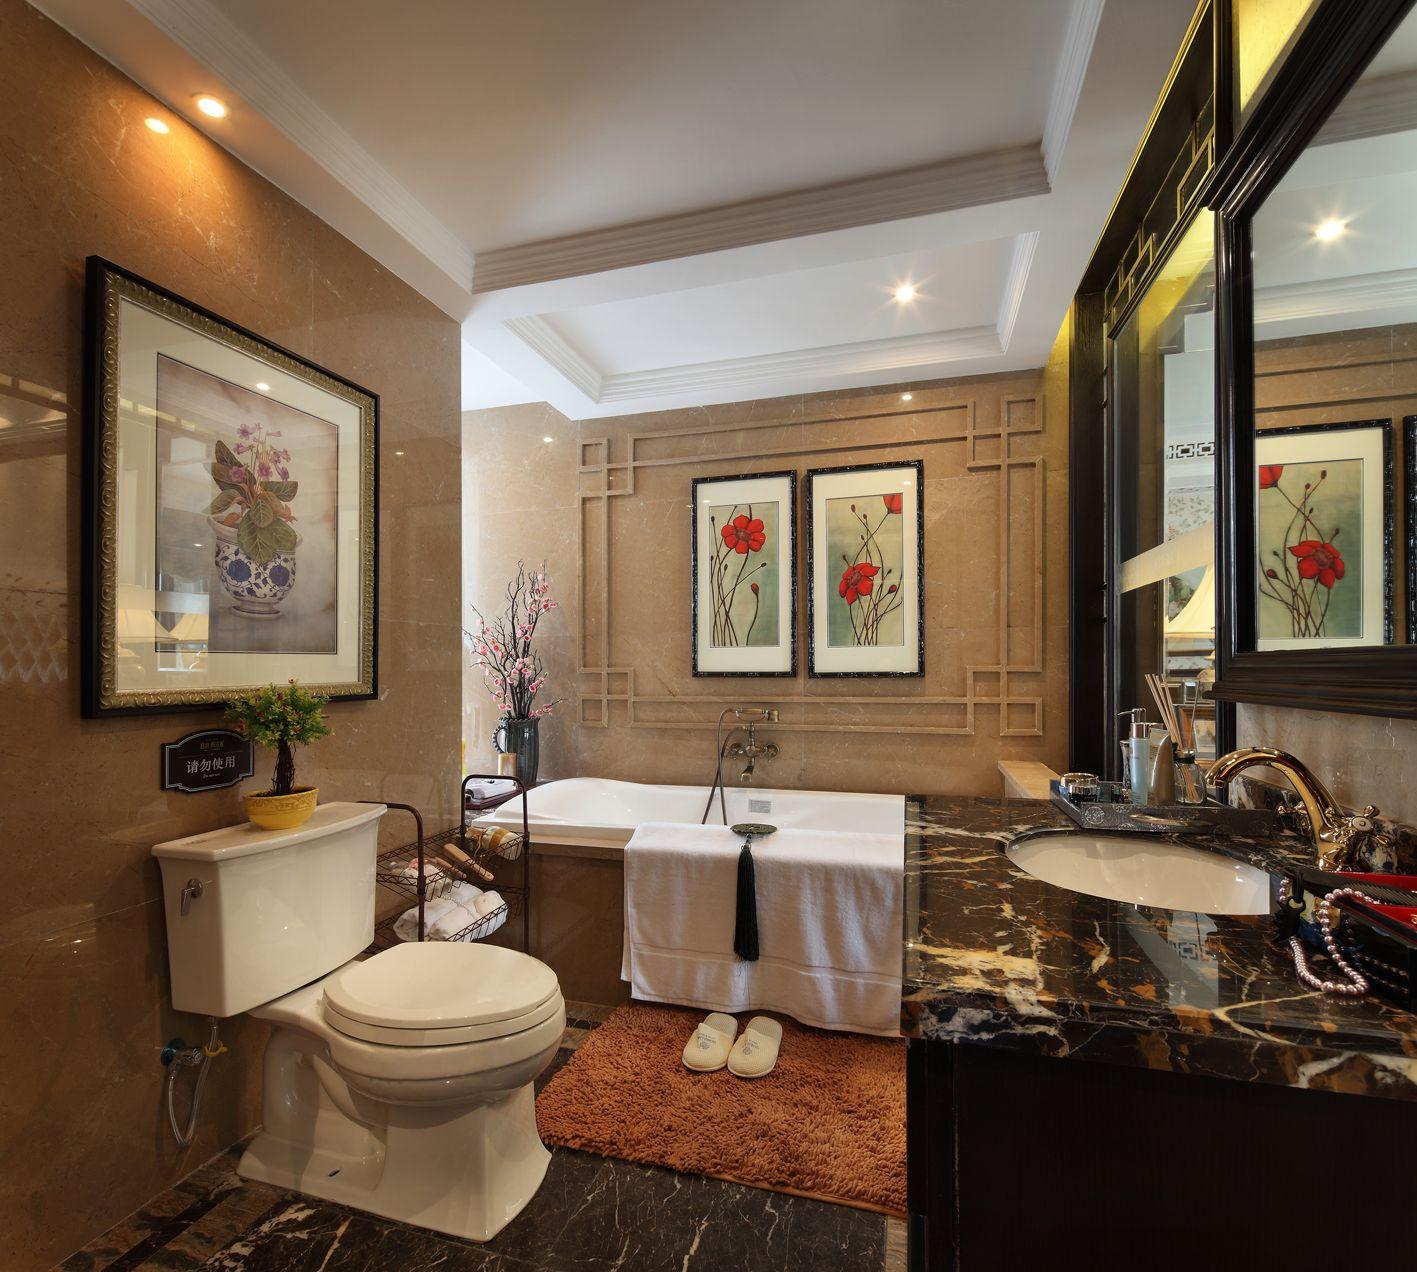 设计理念:作为一种中式装修风格与其它西方、东南亚等装修风格也有很大不同,首先所营造的文化氛围是不同的,每一种装修风格都有其特定的文化背景作为支撑,以此来传递特定文化氛围中人们的生活追求,那么新中式古典主义风格是以中国传统古典文化作为背景的,营造的是极富中国浪漫情调的生活空间,红木、青花瓷、紫砂茶壶以及一些红木工艺品等都体现了浓郁的东方之美,这正是新中式古典主义风格与其它风格所不同的地方。?